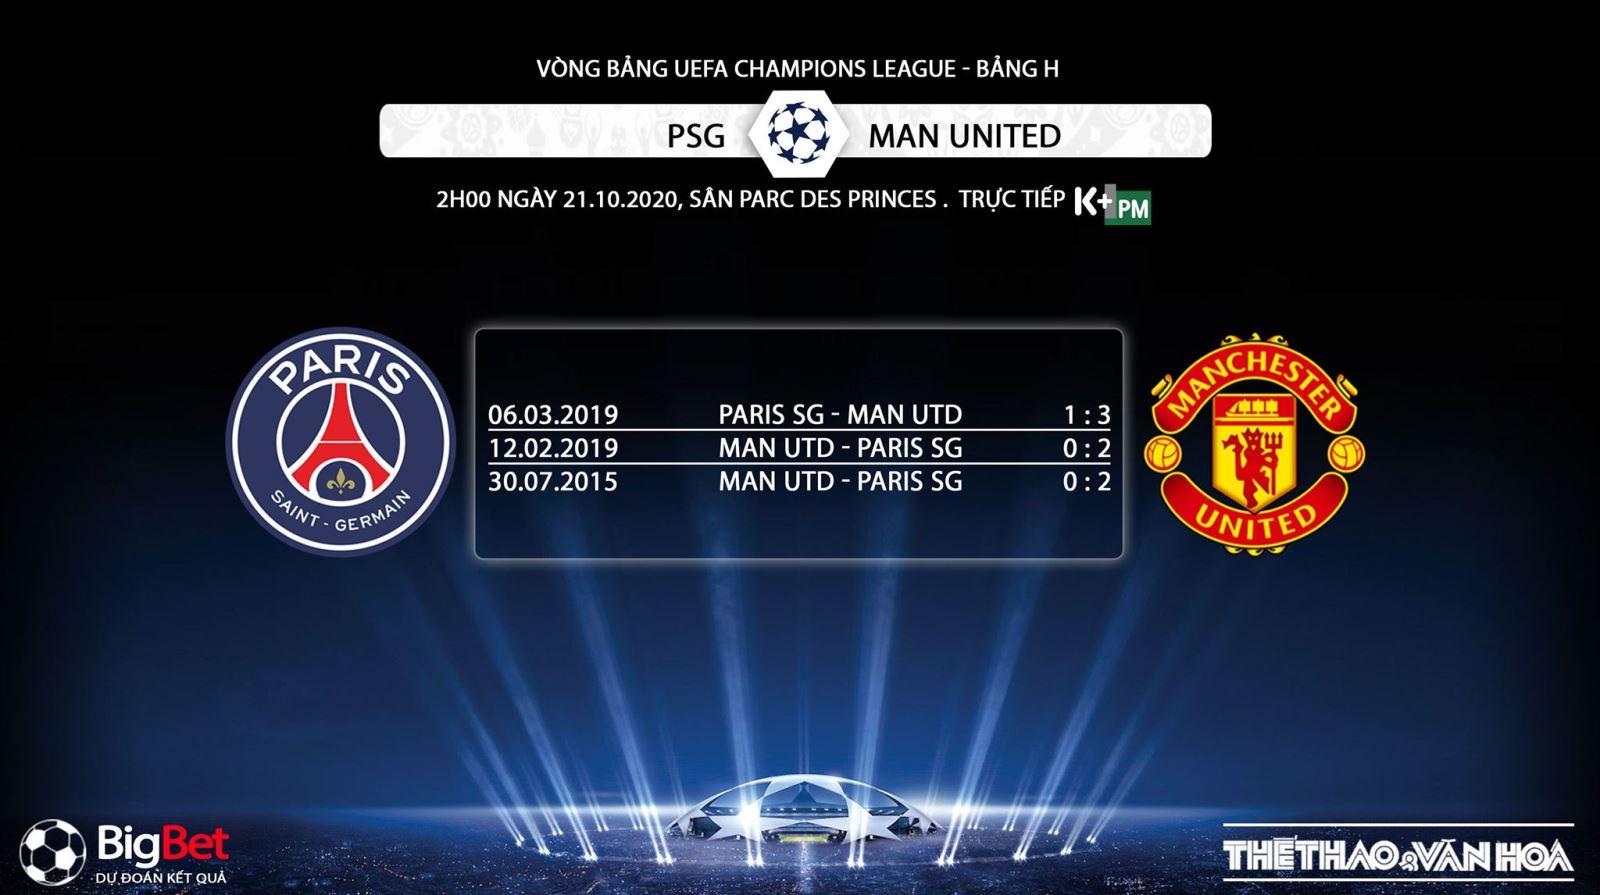 Keo nha cai, PSG vs MU, Vòng 5 Giải ngoại hạng Anh, Trực tiếp K+ PM, Trực tiếp bóng đá, Trực tiếp PSG đấu với MU, Kèo bóng đá Newcastle vs MU, kèo MU, kèo PSG, bong da